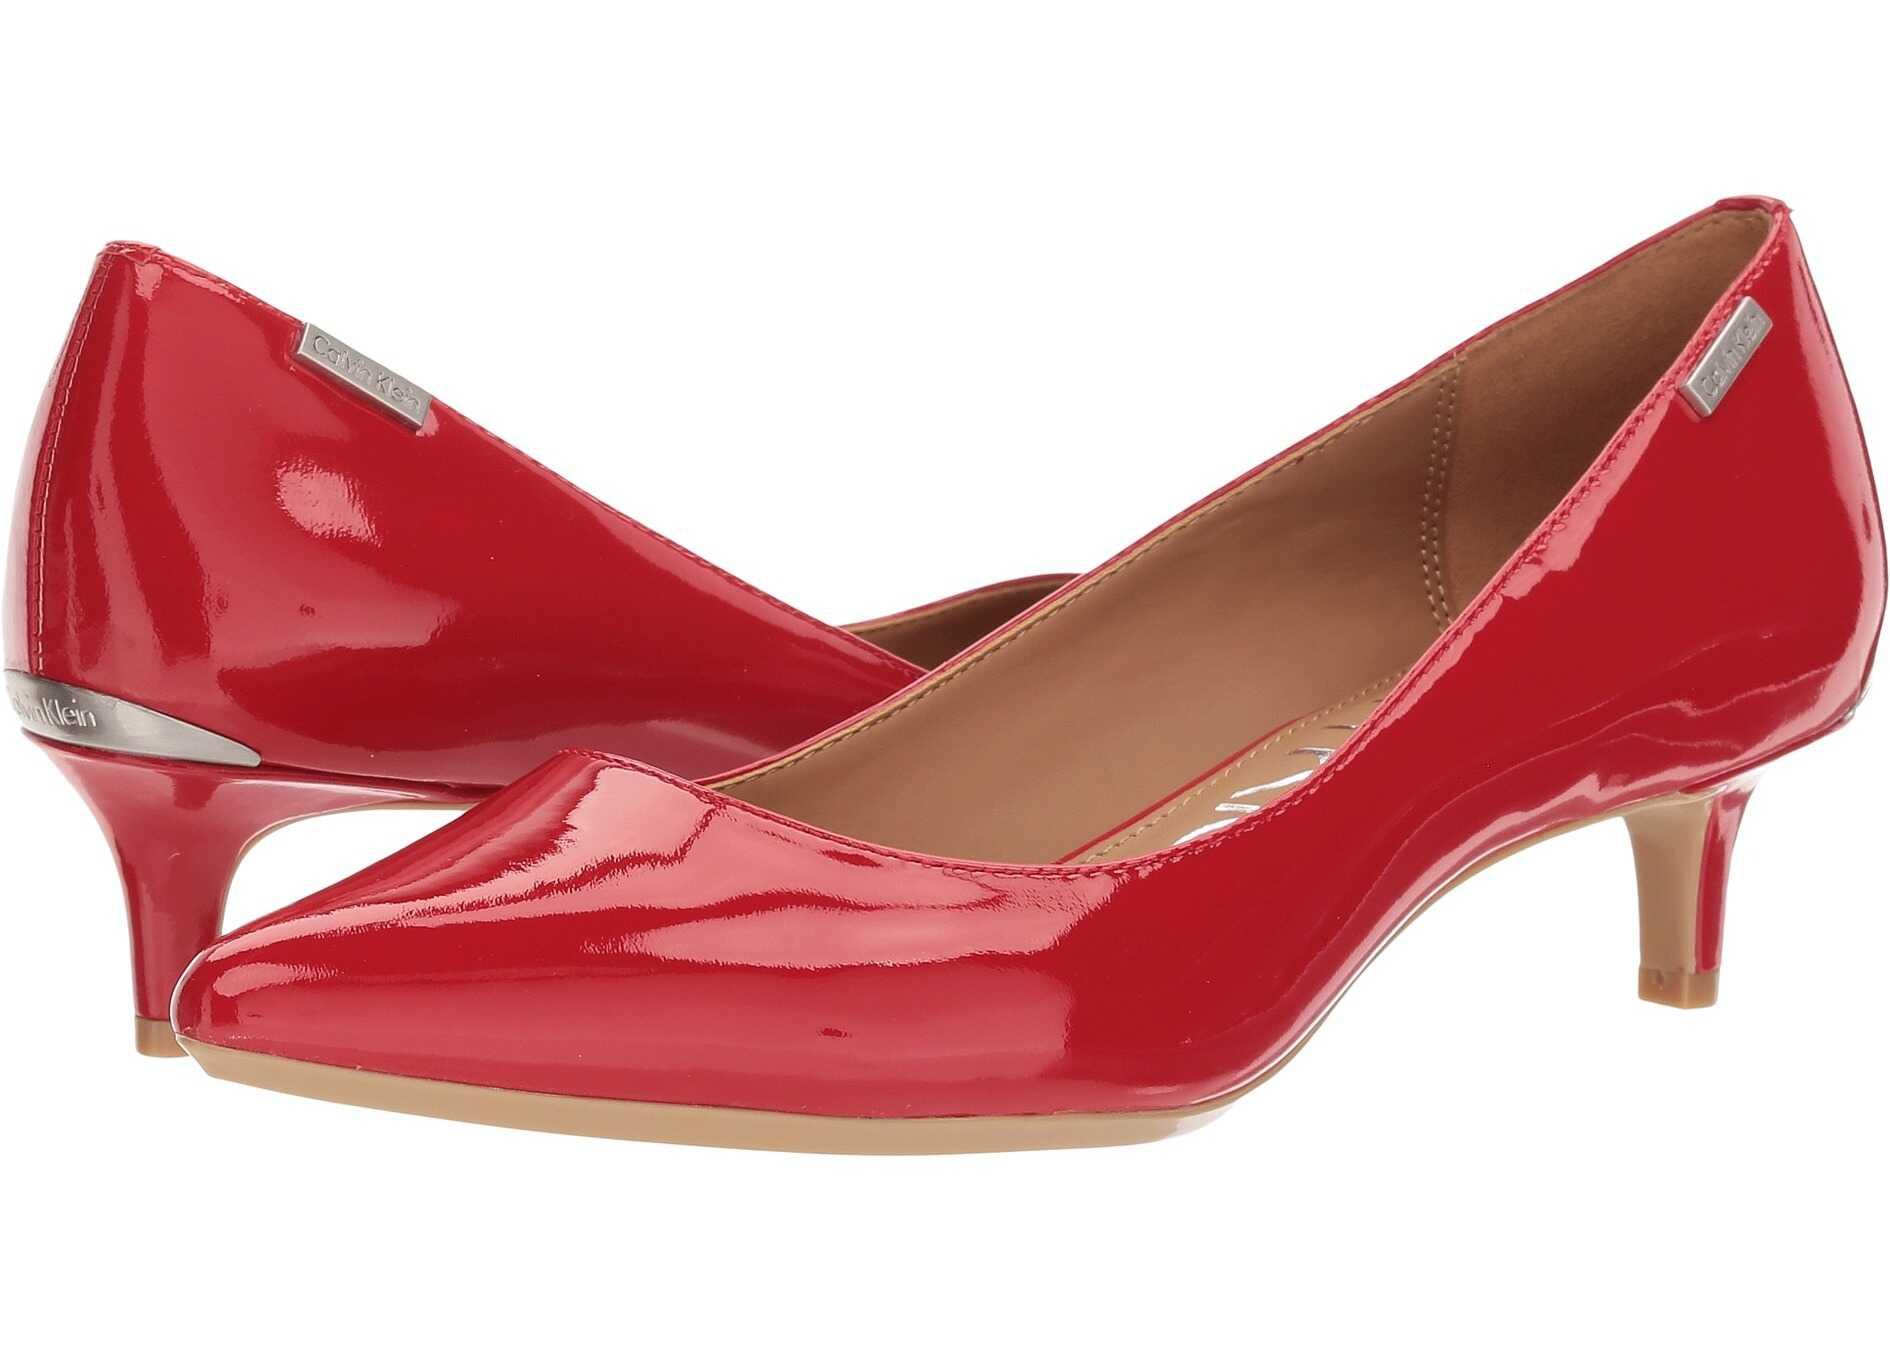 Calvin Klein Gabrianna Pump Lipstick Red